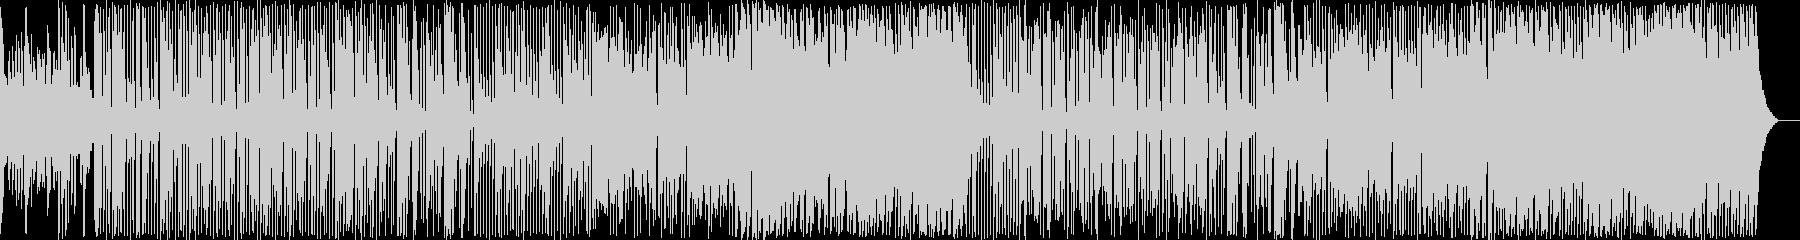 軽快な和風テイストBGMの未再生の波形